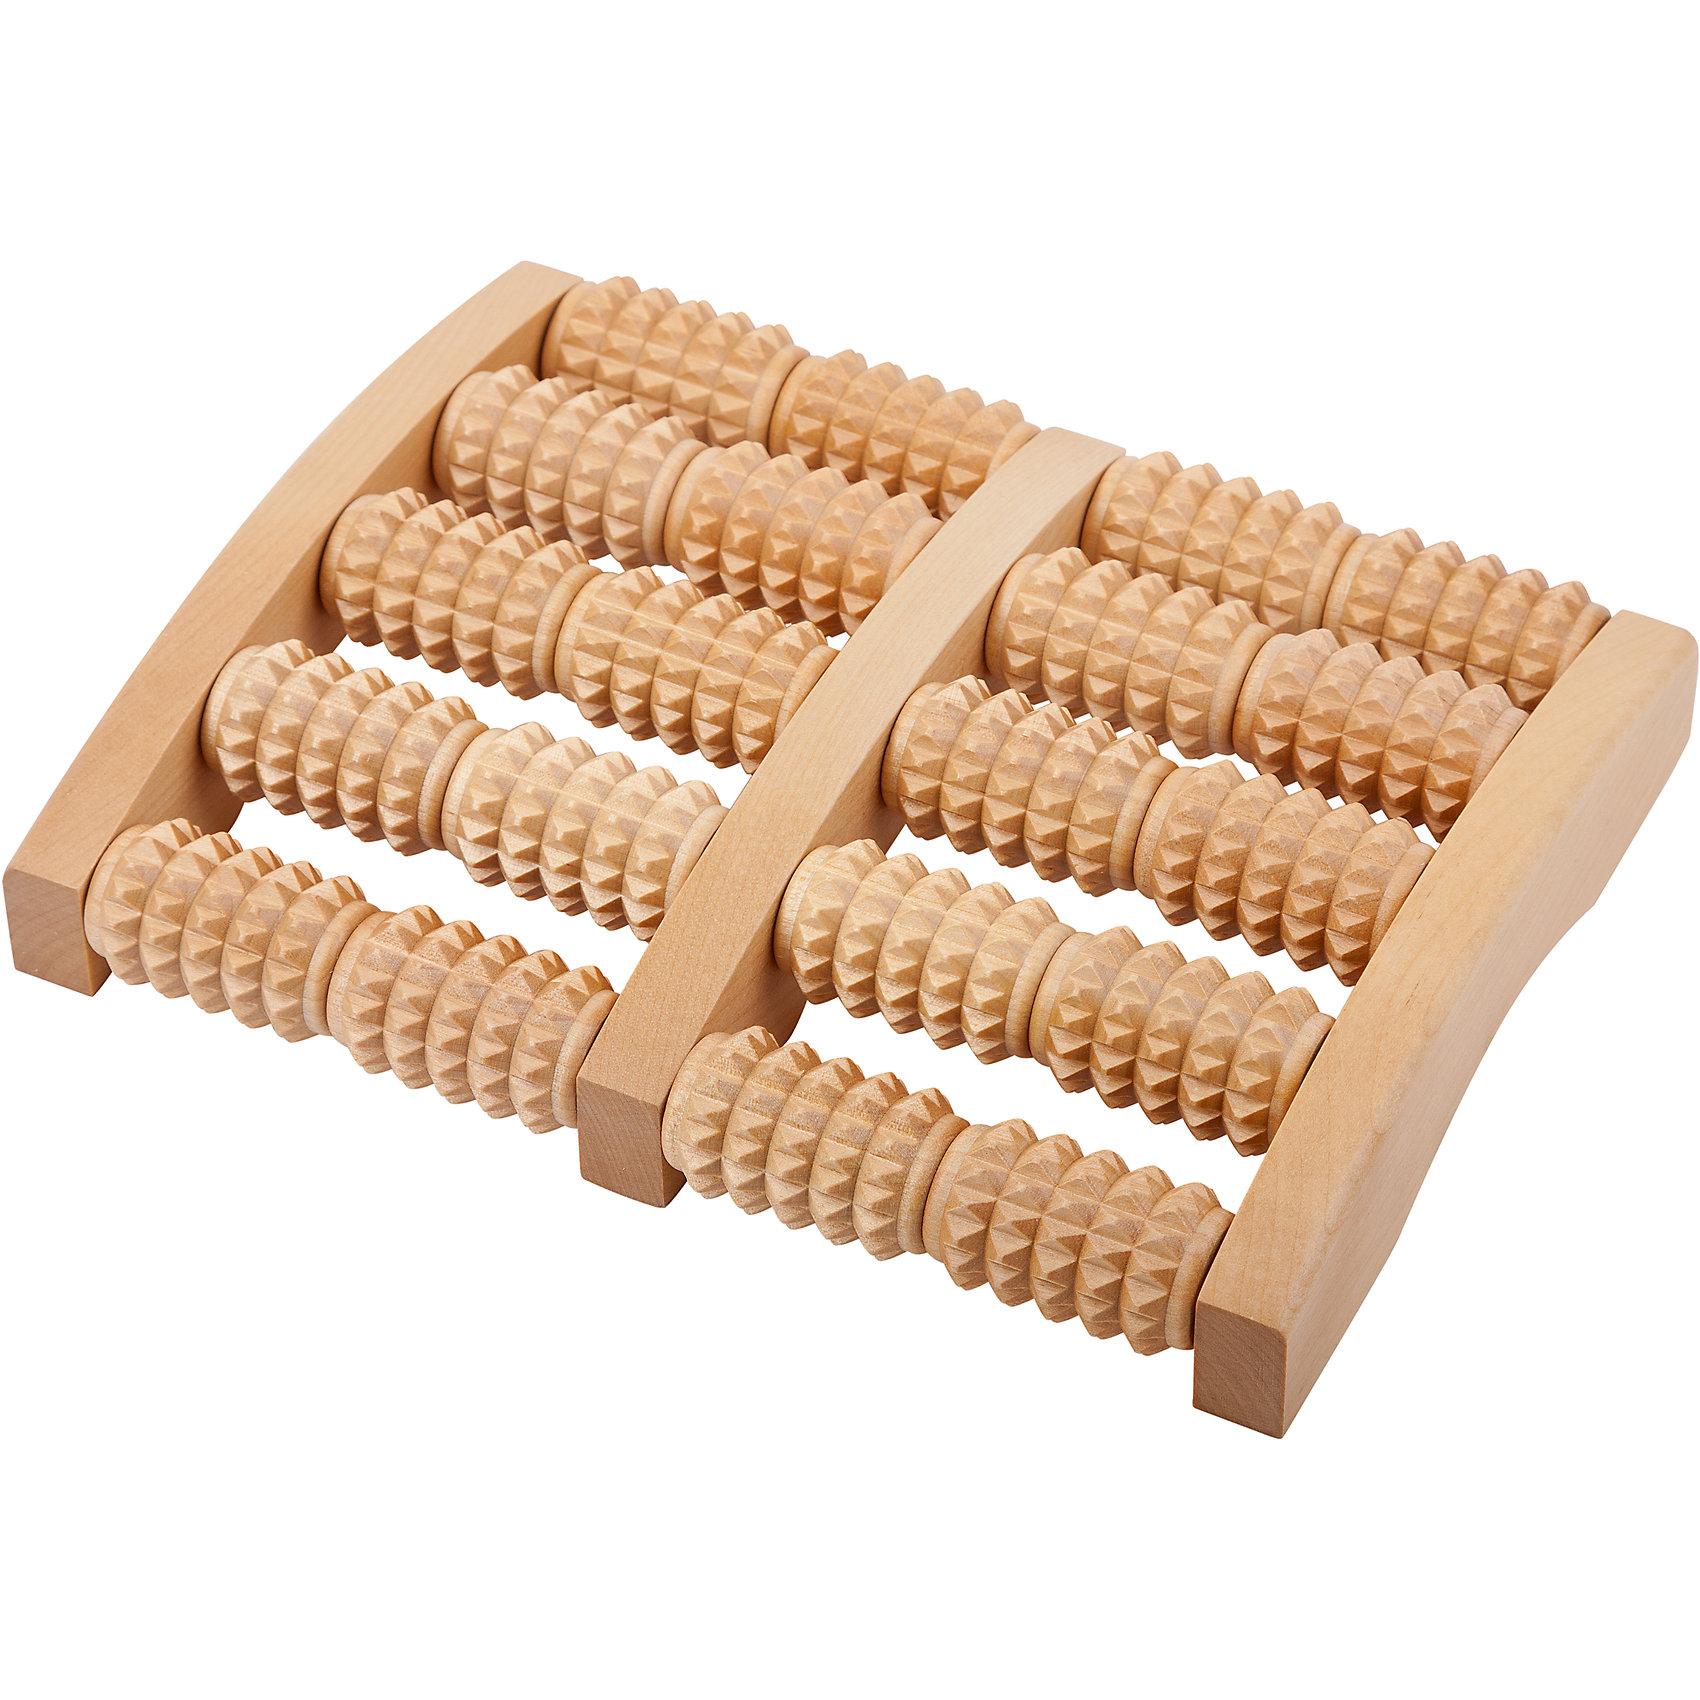 Массажер для ног, ТимбэМассажеры<br>Основные характеристики<br><br>Размер: 47*247*191мм<br>Материал: береза<br>Цвет: натуральная древесина<br>Страна-производитель: Россия<br>Упаковка: коробка в термоусадочной пленке<br><br>Поставляется в ассортименте: мелкорифленый, рифленый, с шипами!<br><br>На ступнях человека расположено очень нервных окончаний, которые образуют рефлекторные зоны, связанные с определенными внутренними органами. <br>При их массаже происходит активизация защитных функций организма. Массажеры для стоп позволят самостоятельно производить несложный массаж, не требующий специальных навыков.<br><br>Ширина мм: 240<br>Глубина мм: 200<br>Высота мм: 40<br>Вес г: 529<br>Возраст от месяцев: 36<br>Возраст до месяцев: 192<br>Пол: Унисекс<br>Возраст: Детский<br>SKU: 5056621